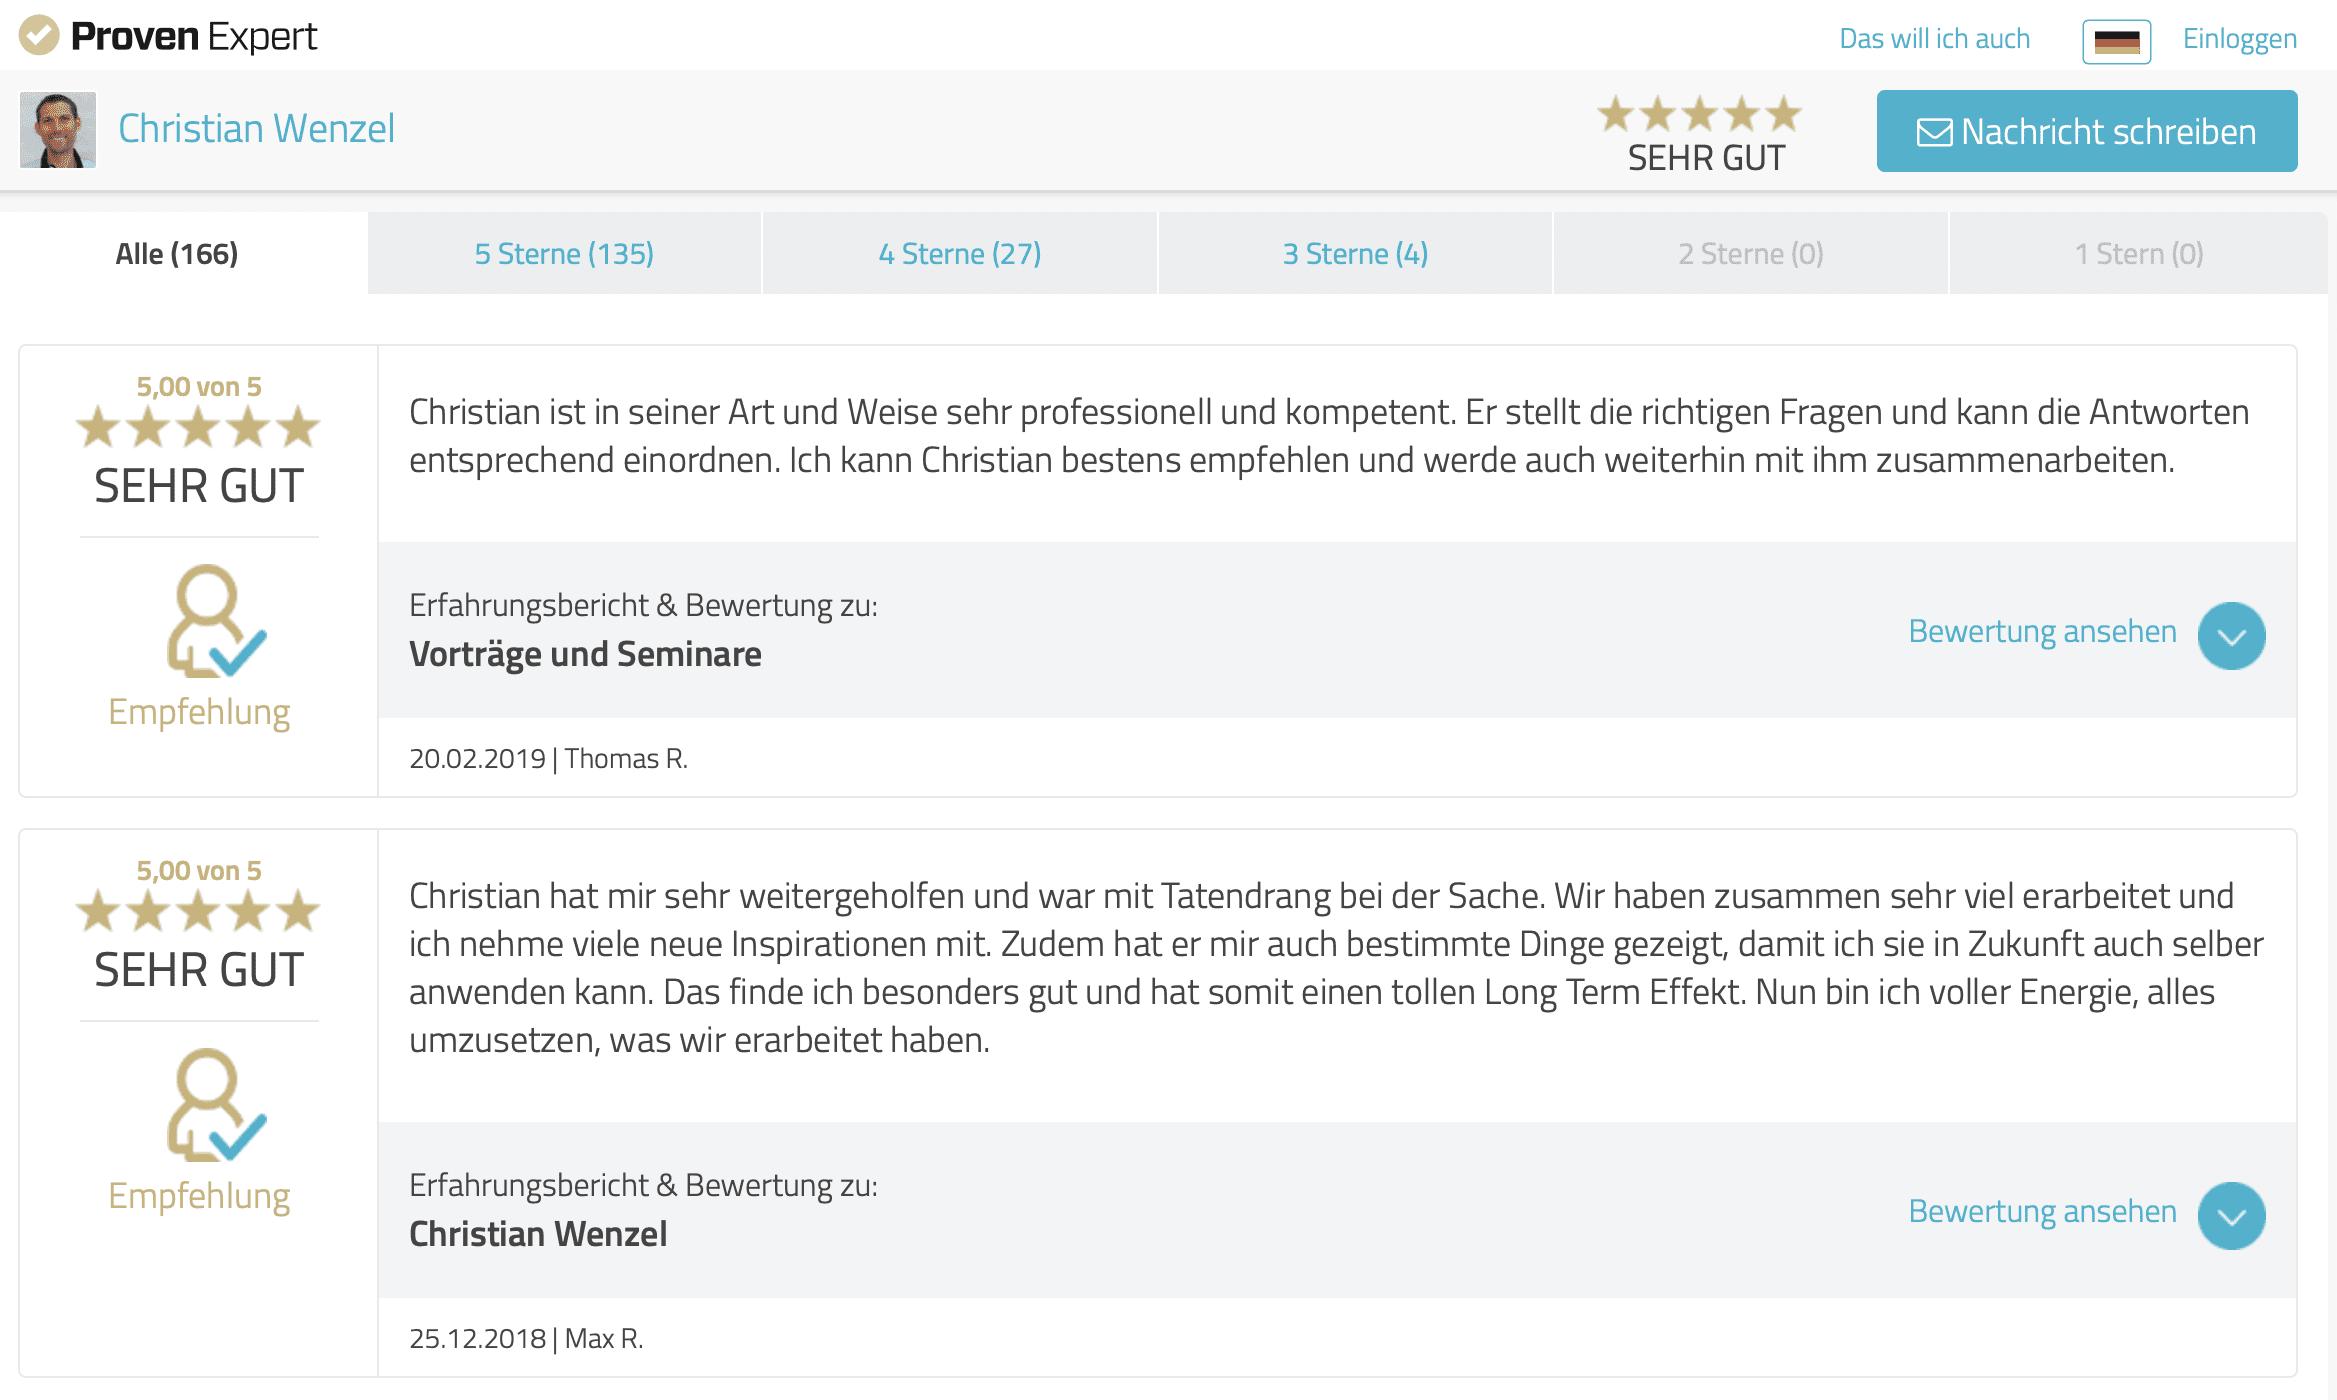 Christian-Wenzel-Bewertung-ProvenExpert